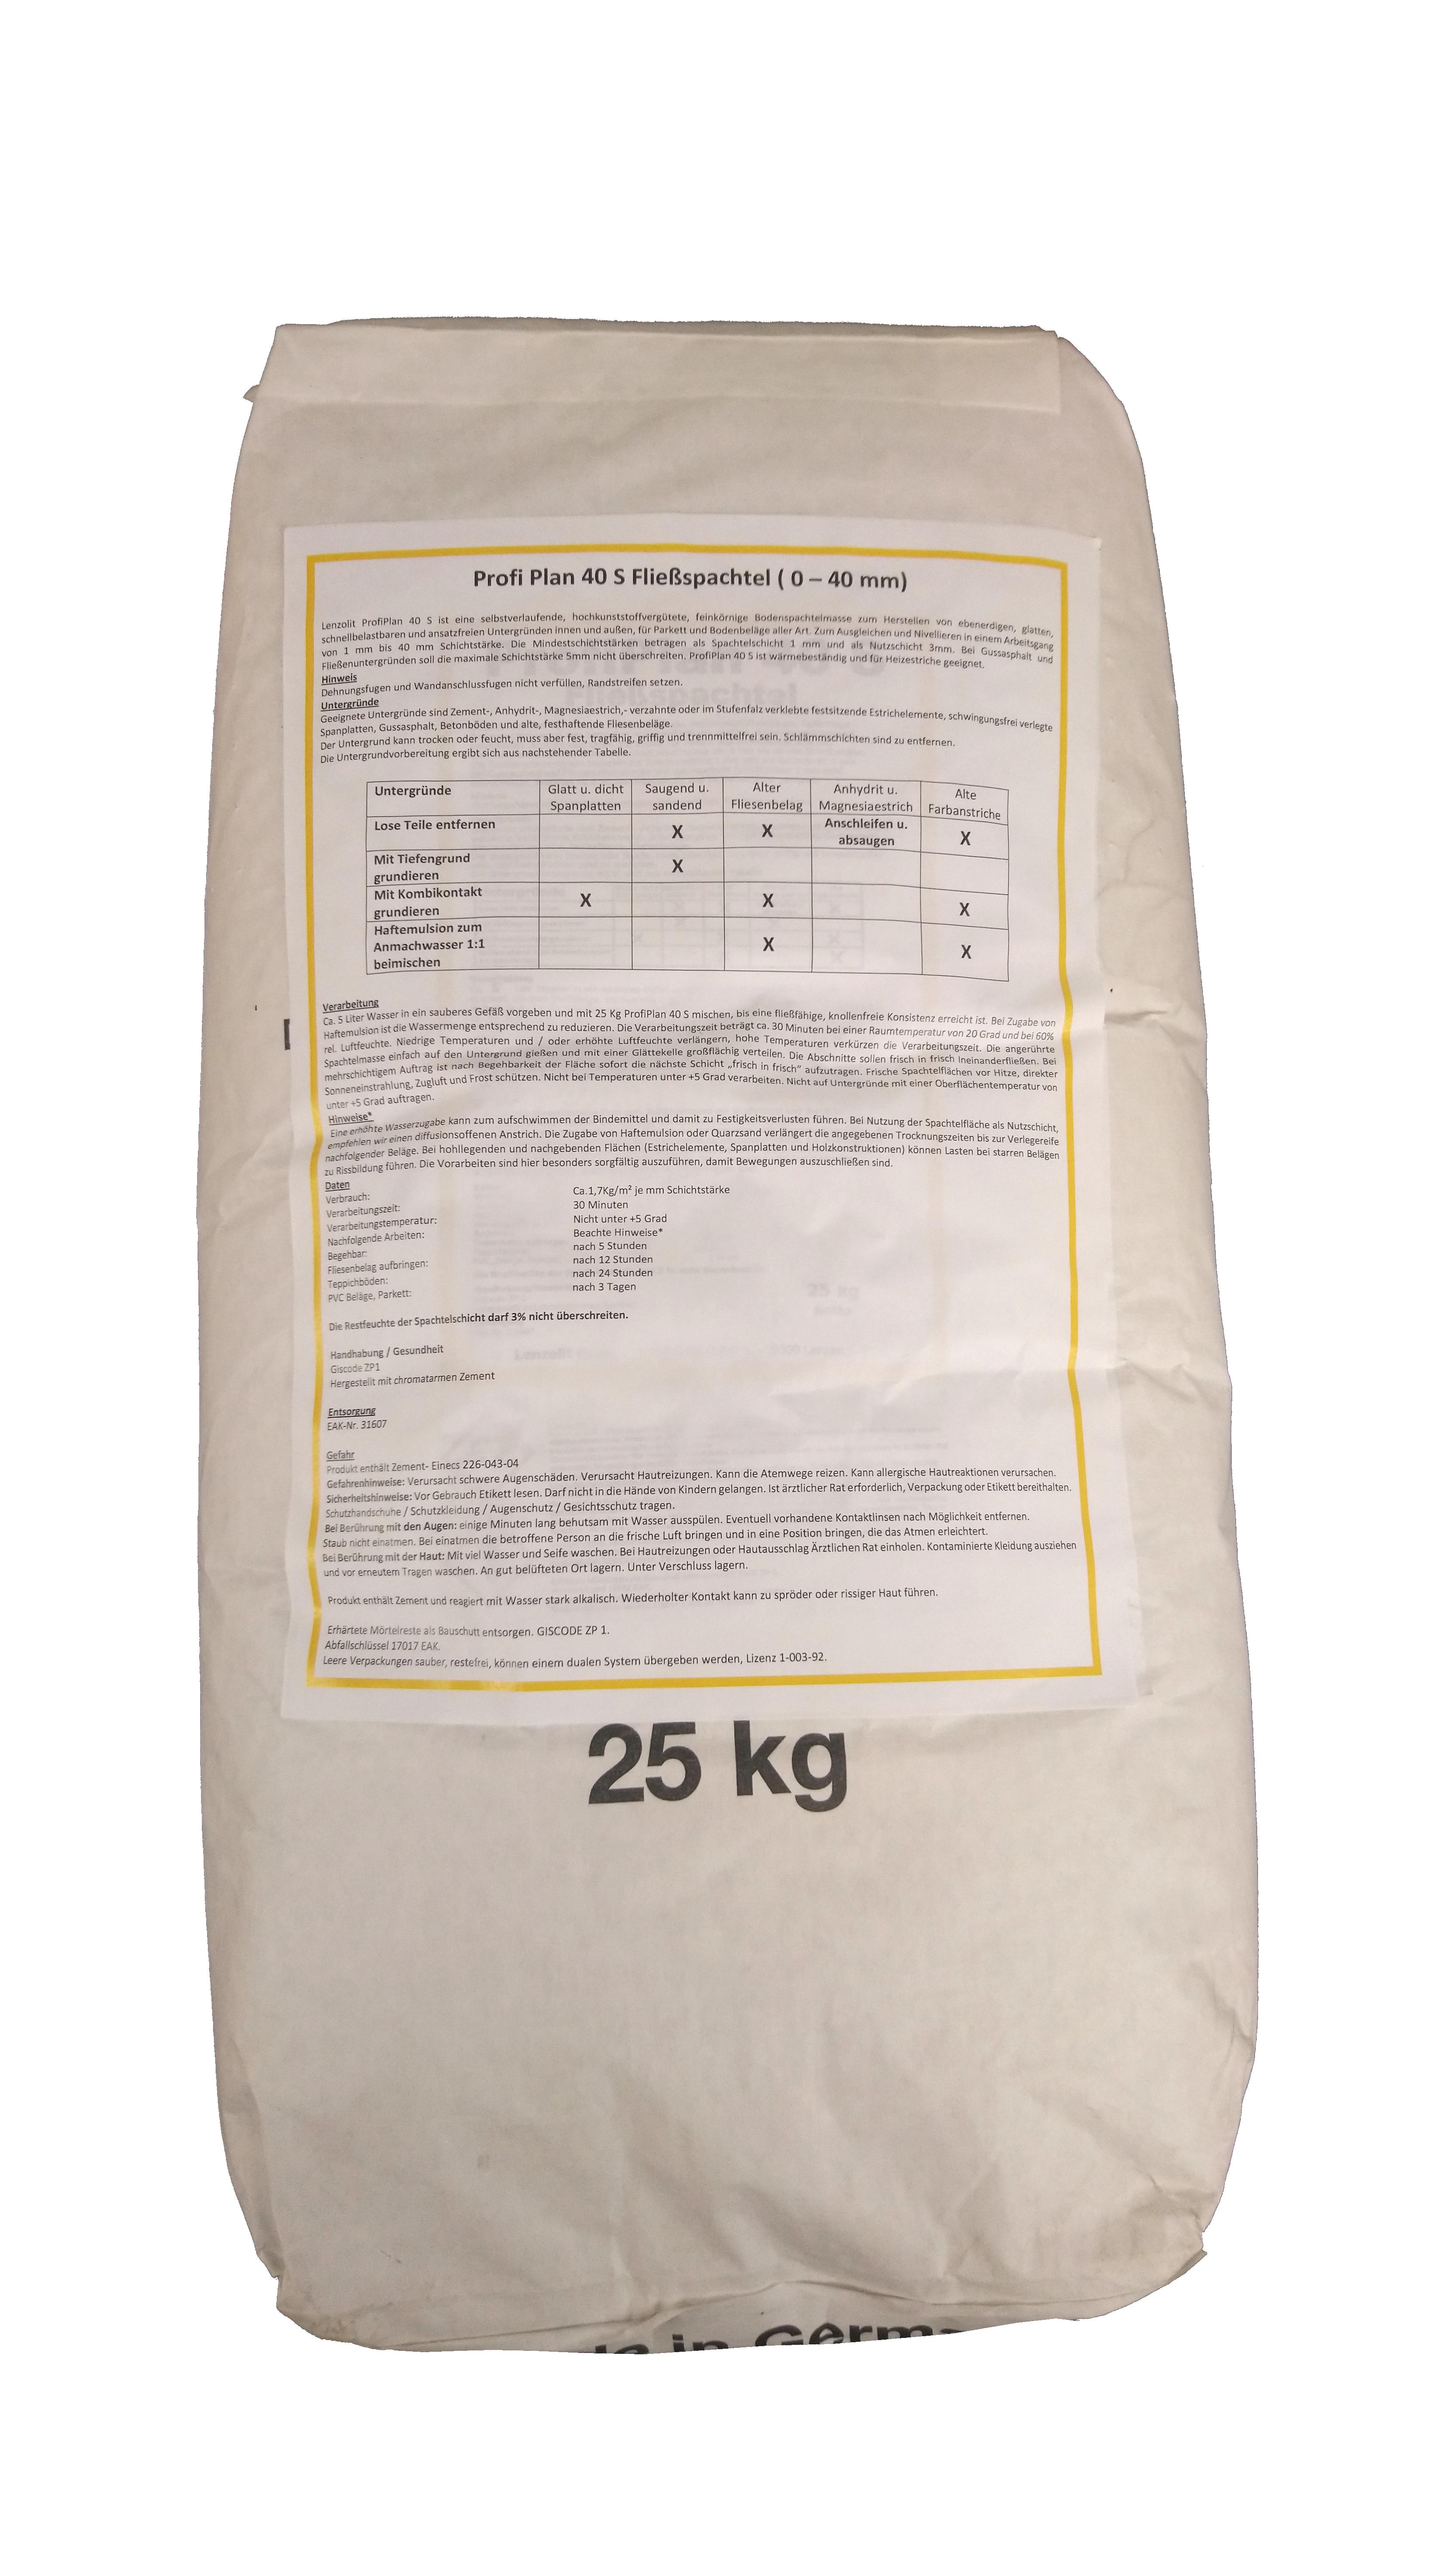 Bekannt PROFI PLAN 40 S Fließspachtel grau für Schichtstärken von 1-40 mm CN07